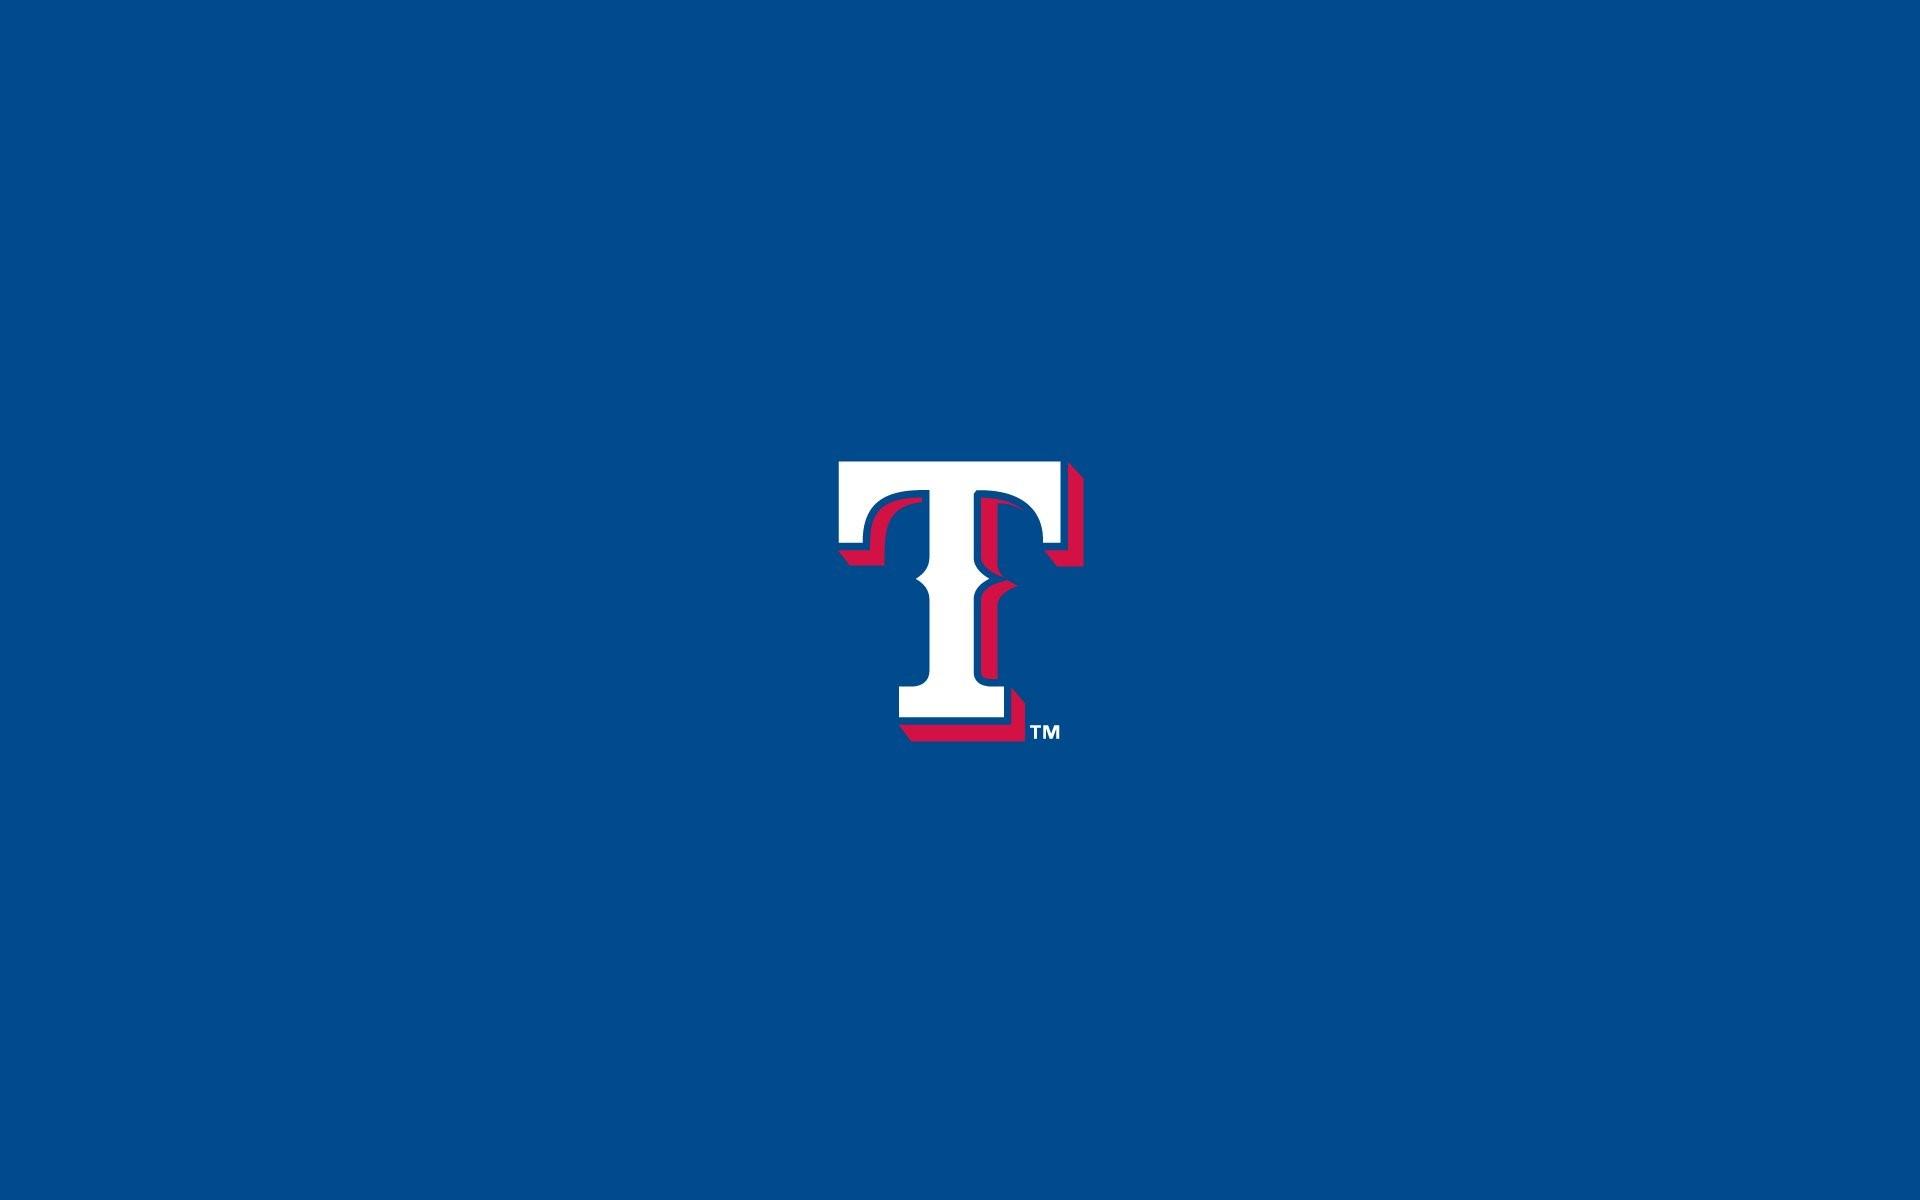 TEXAS RANGERS baseball mlb (51) wallpaper background